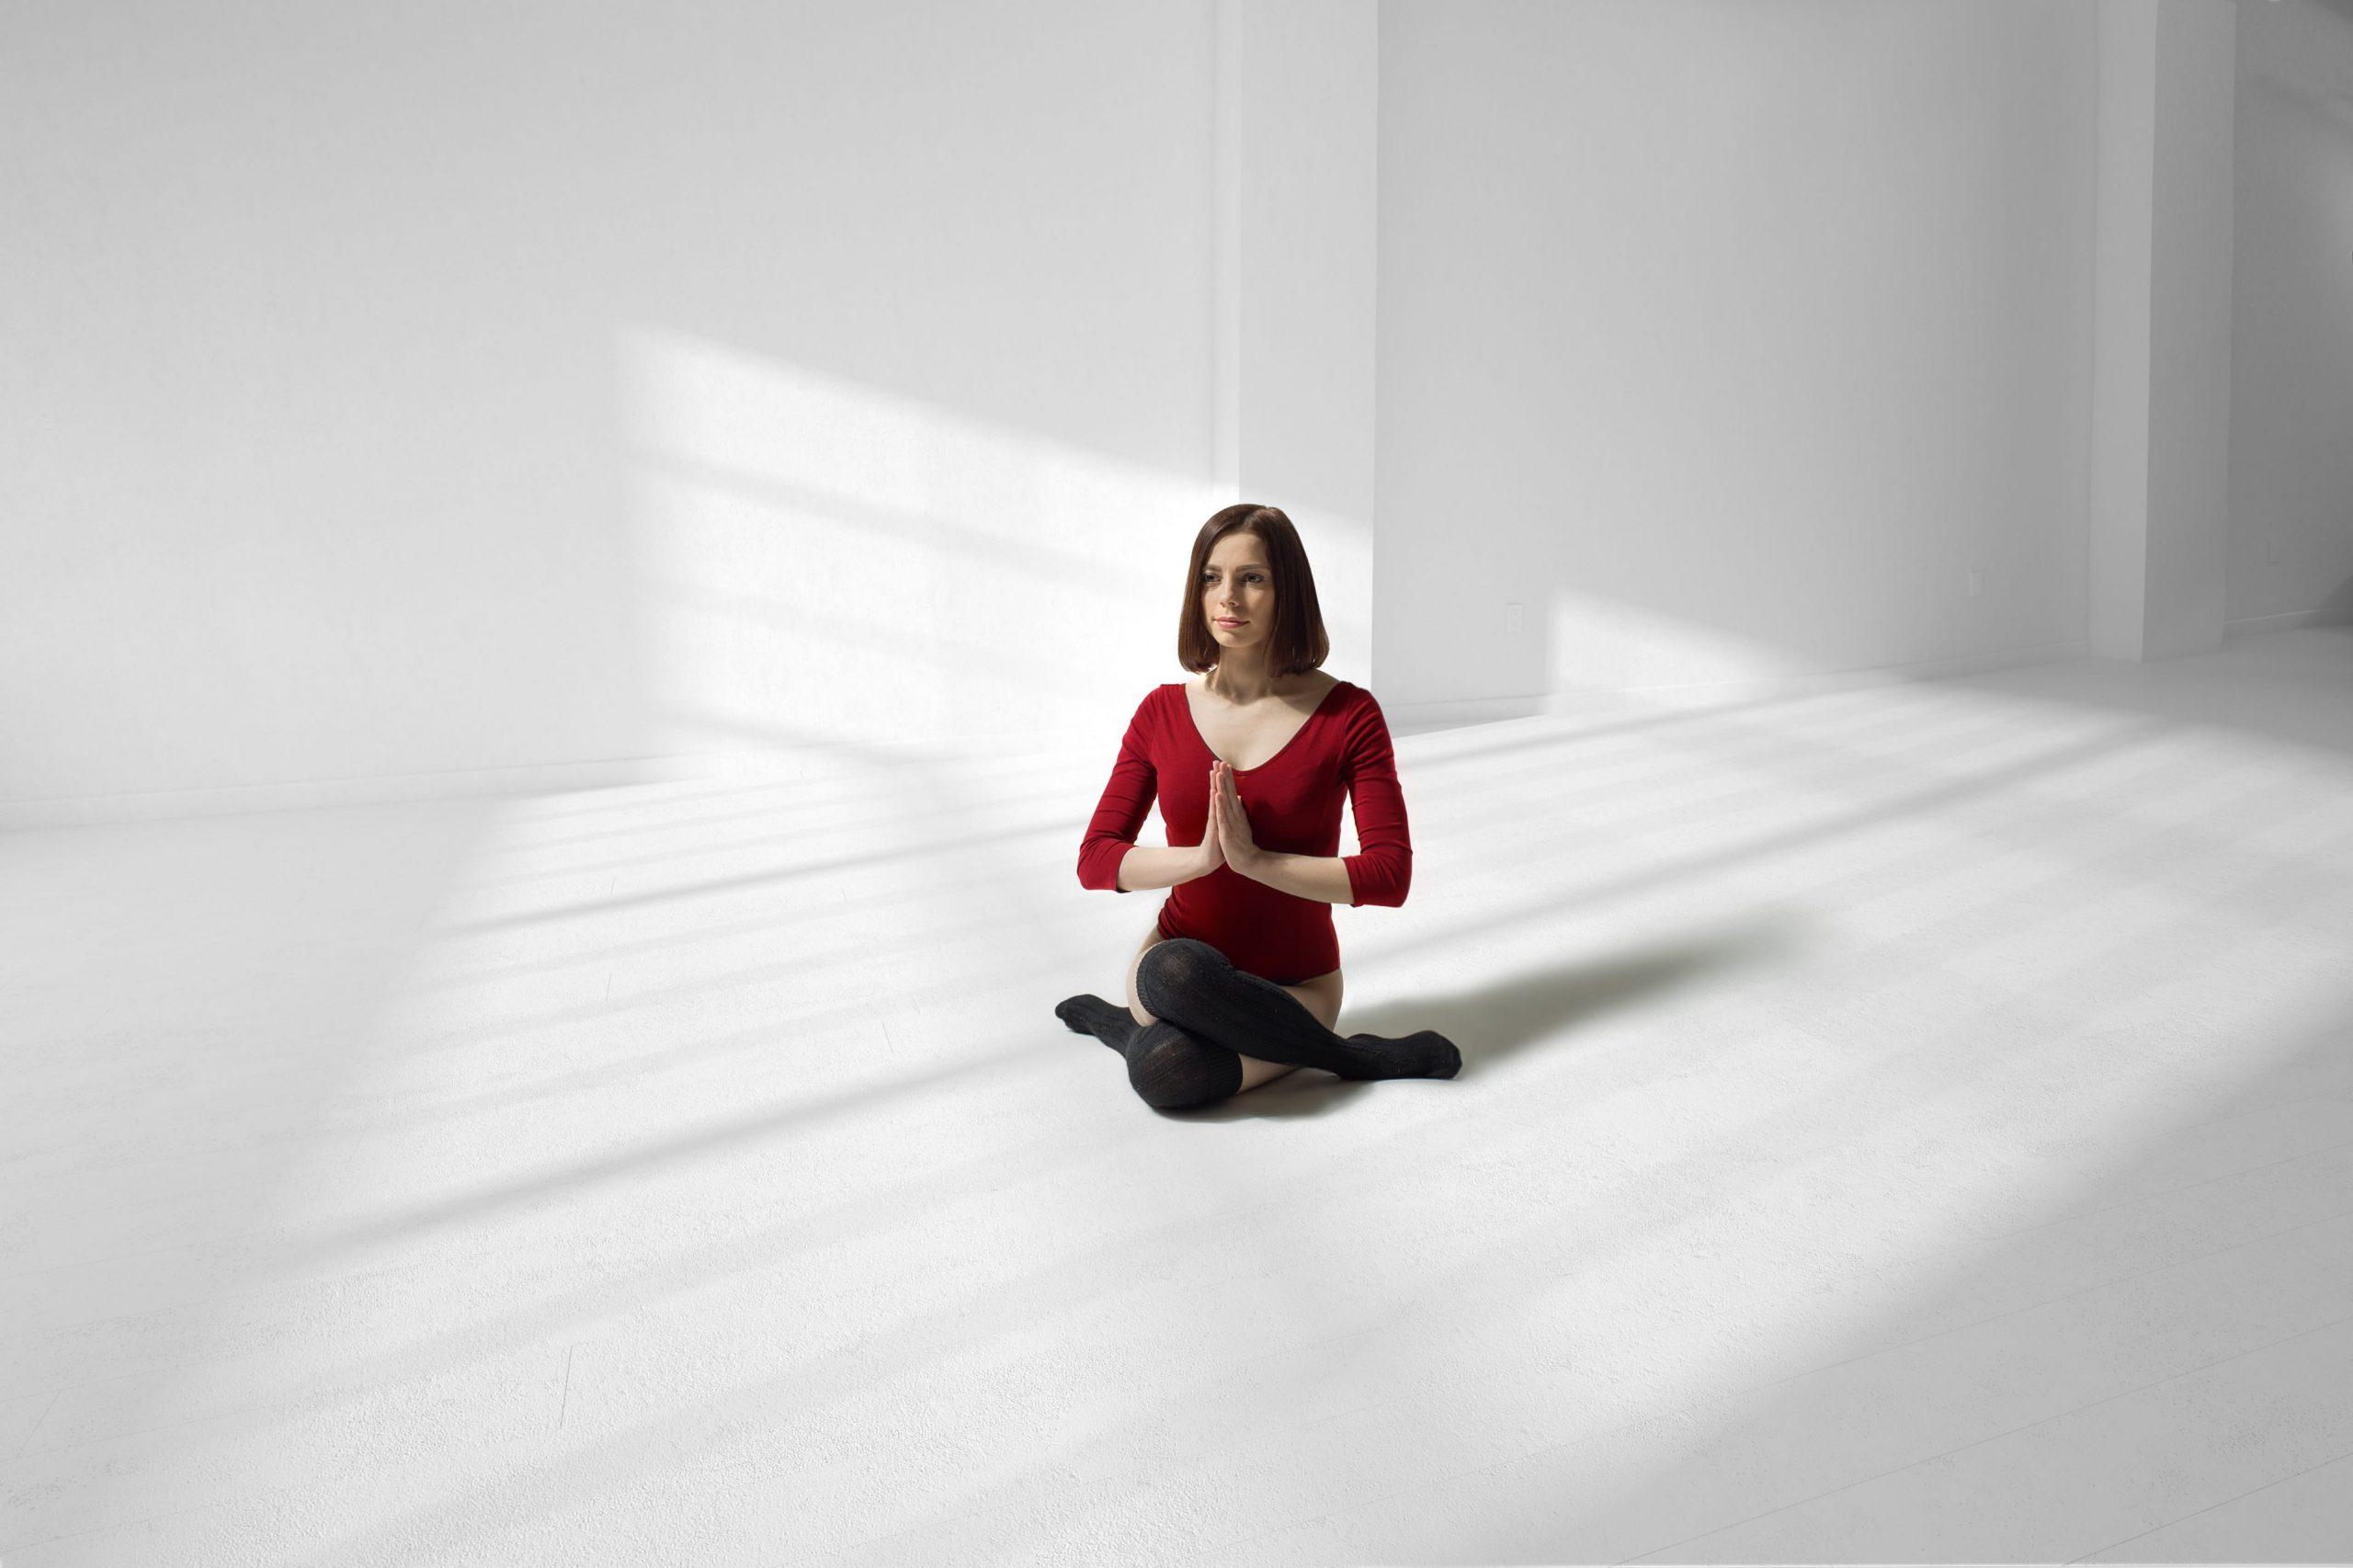 Κατάθλιψη Αυτοφροντίδα: Πρακτικός οδηγός για να αισθανθείτε καλύτερα